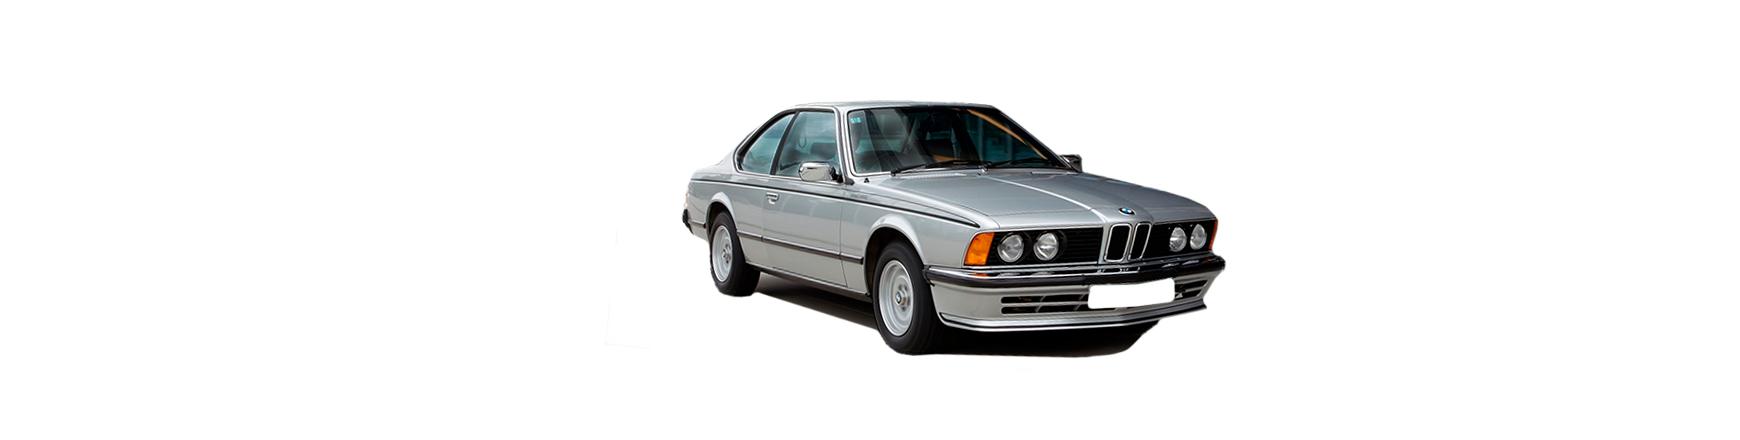 bmw serie 6 e24 1981 1982 1983 1984 venta recambios online